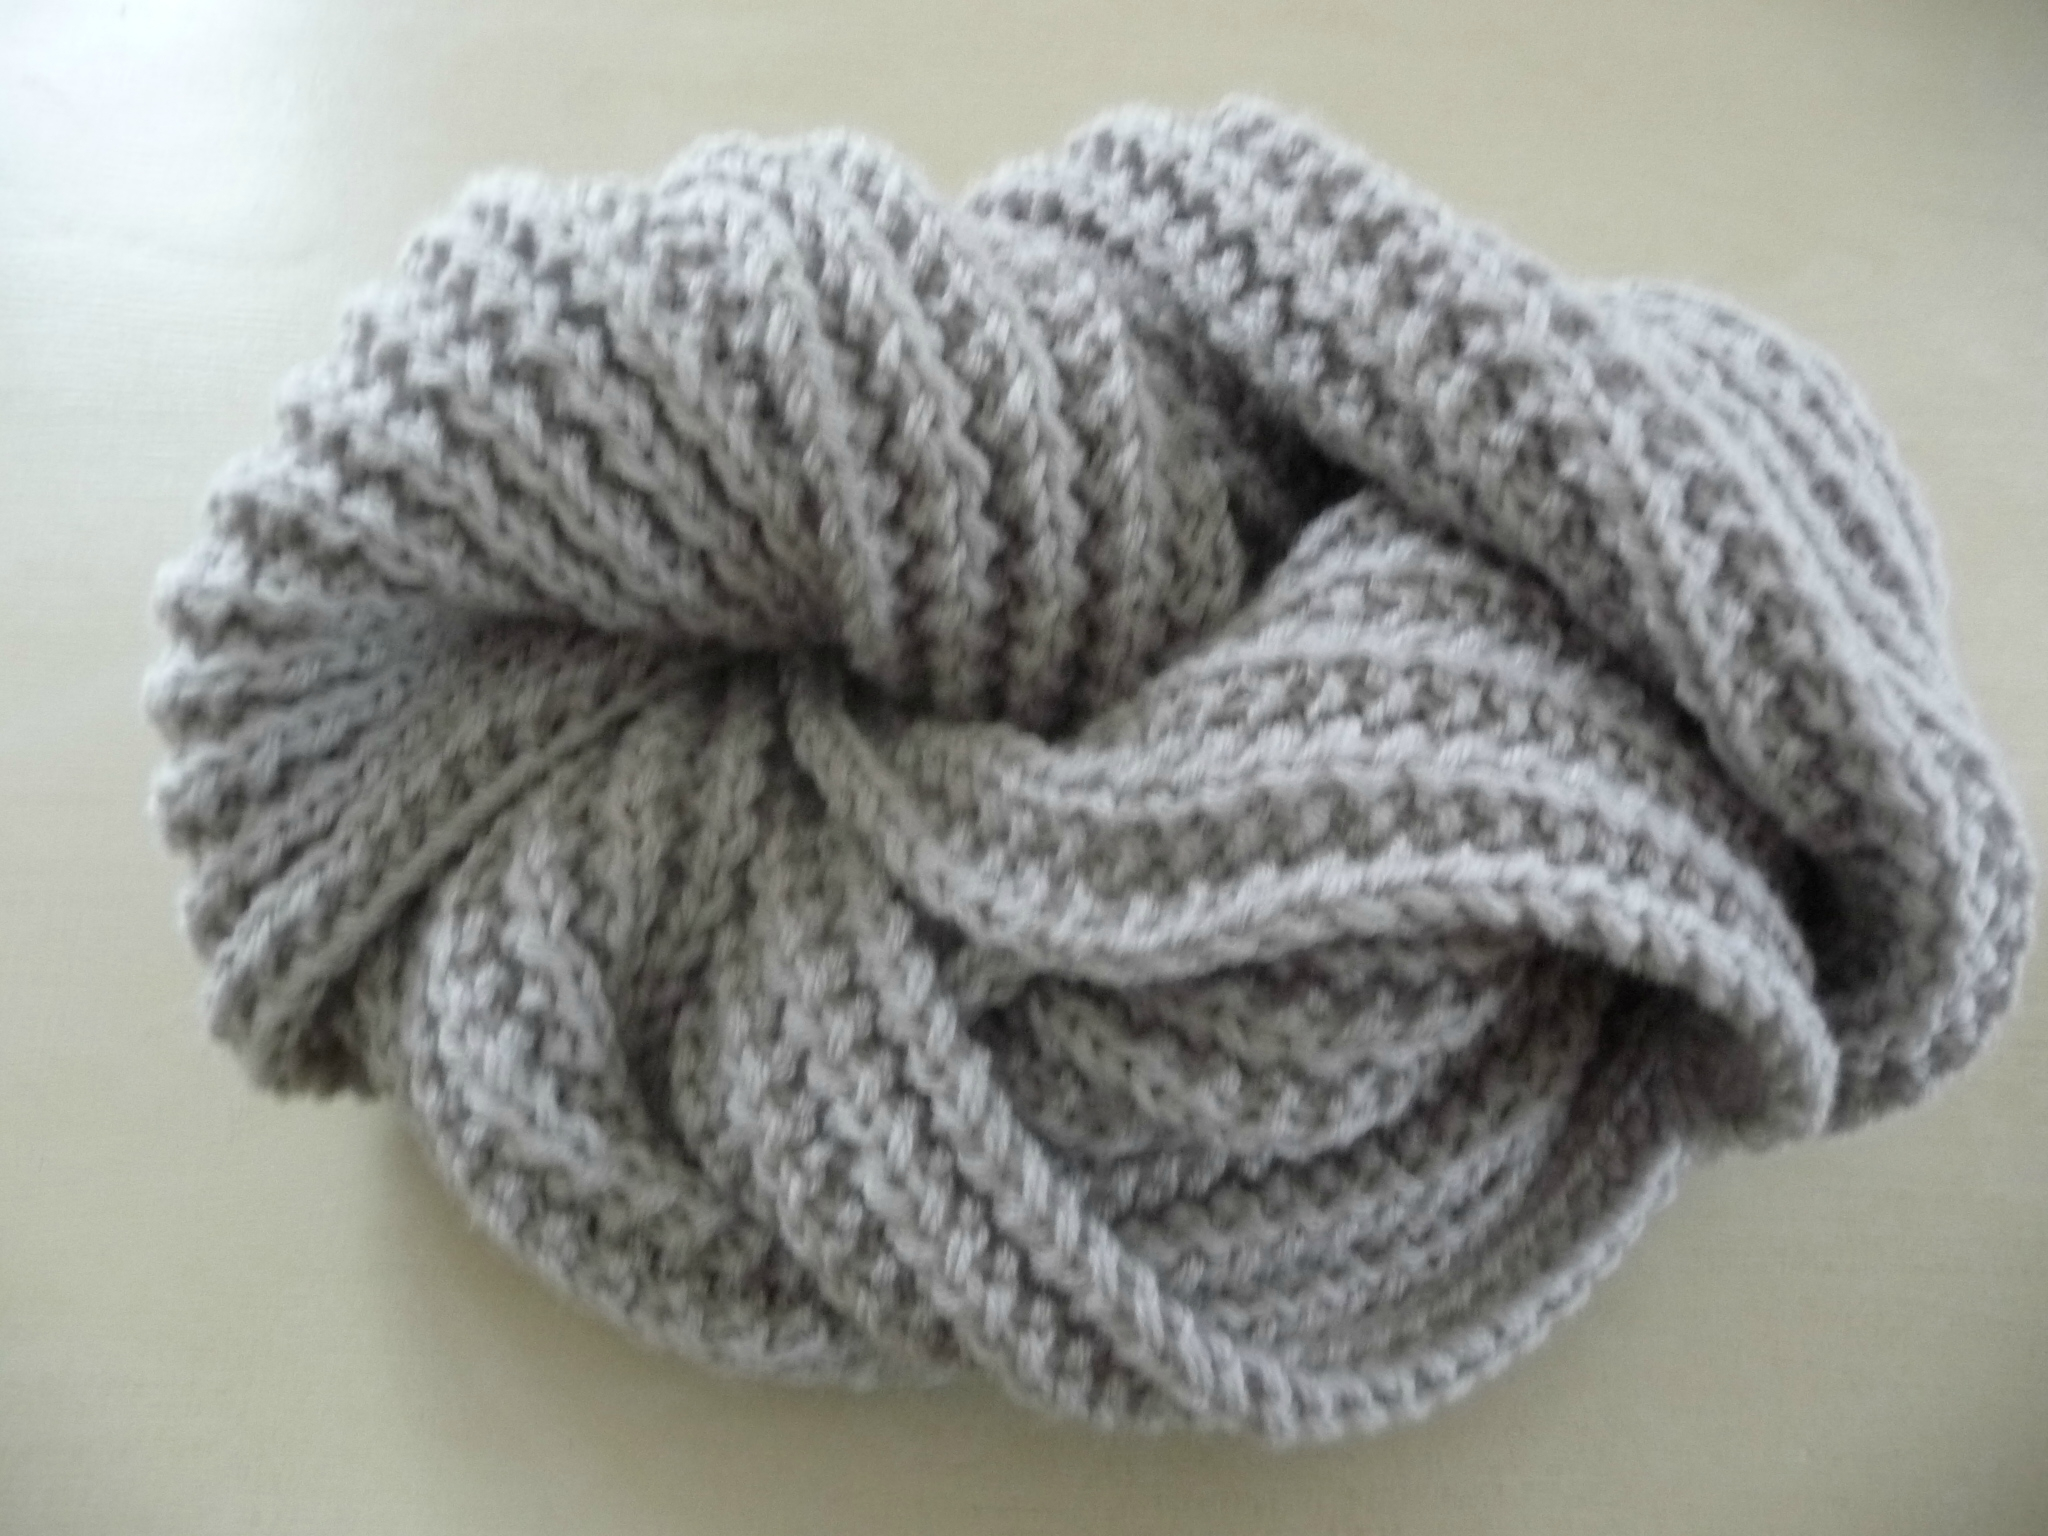 Tricoter une écharpe pour débutant - Idée pour s habiller bdbdd9b3181